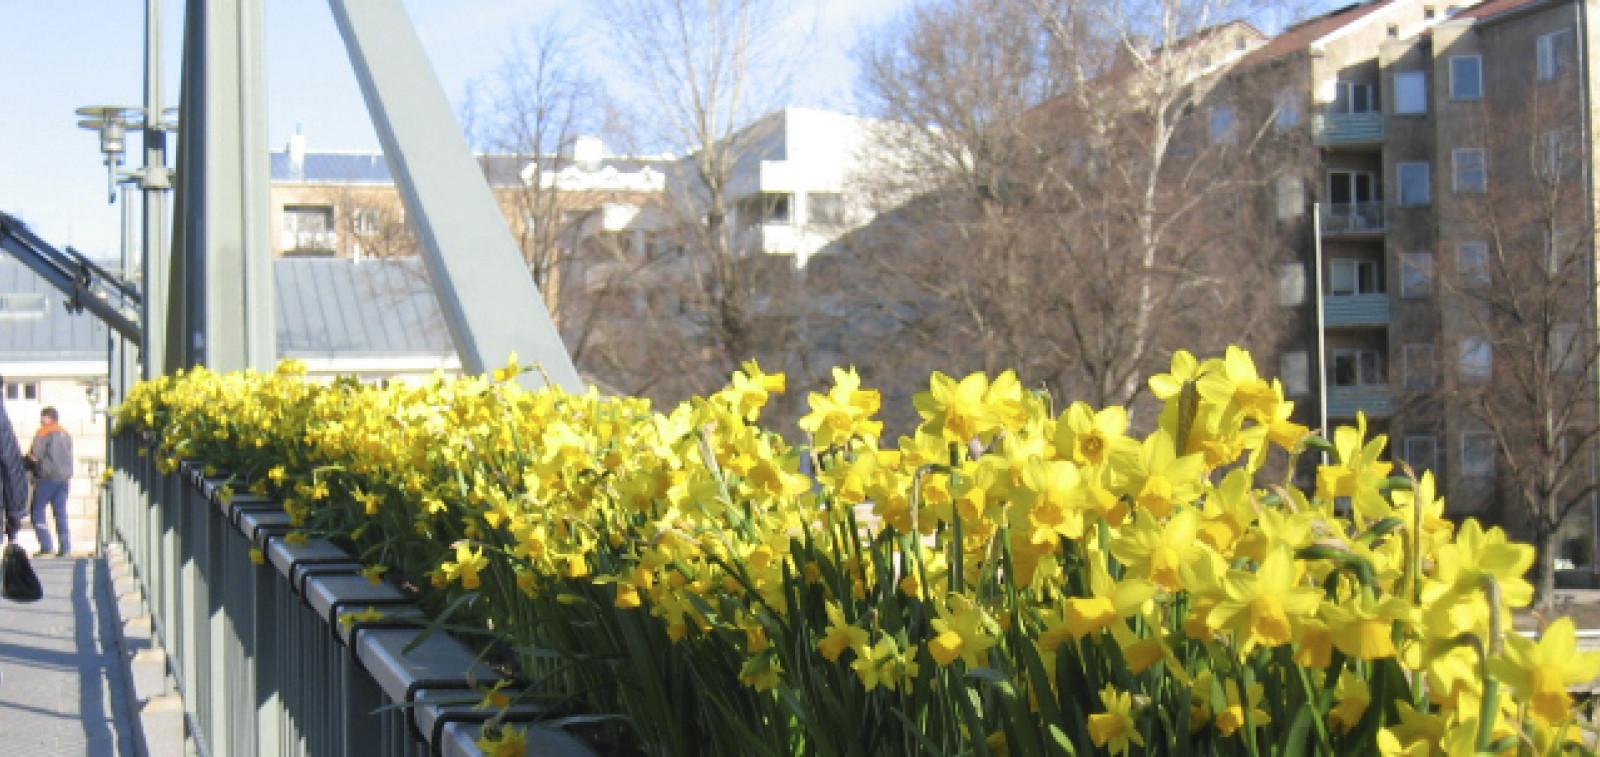 Kukat, silta